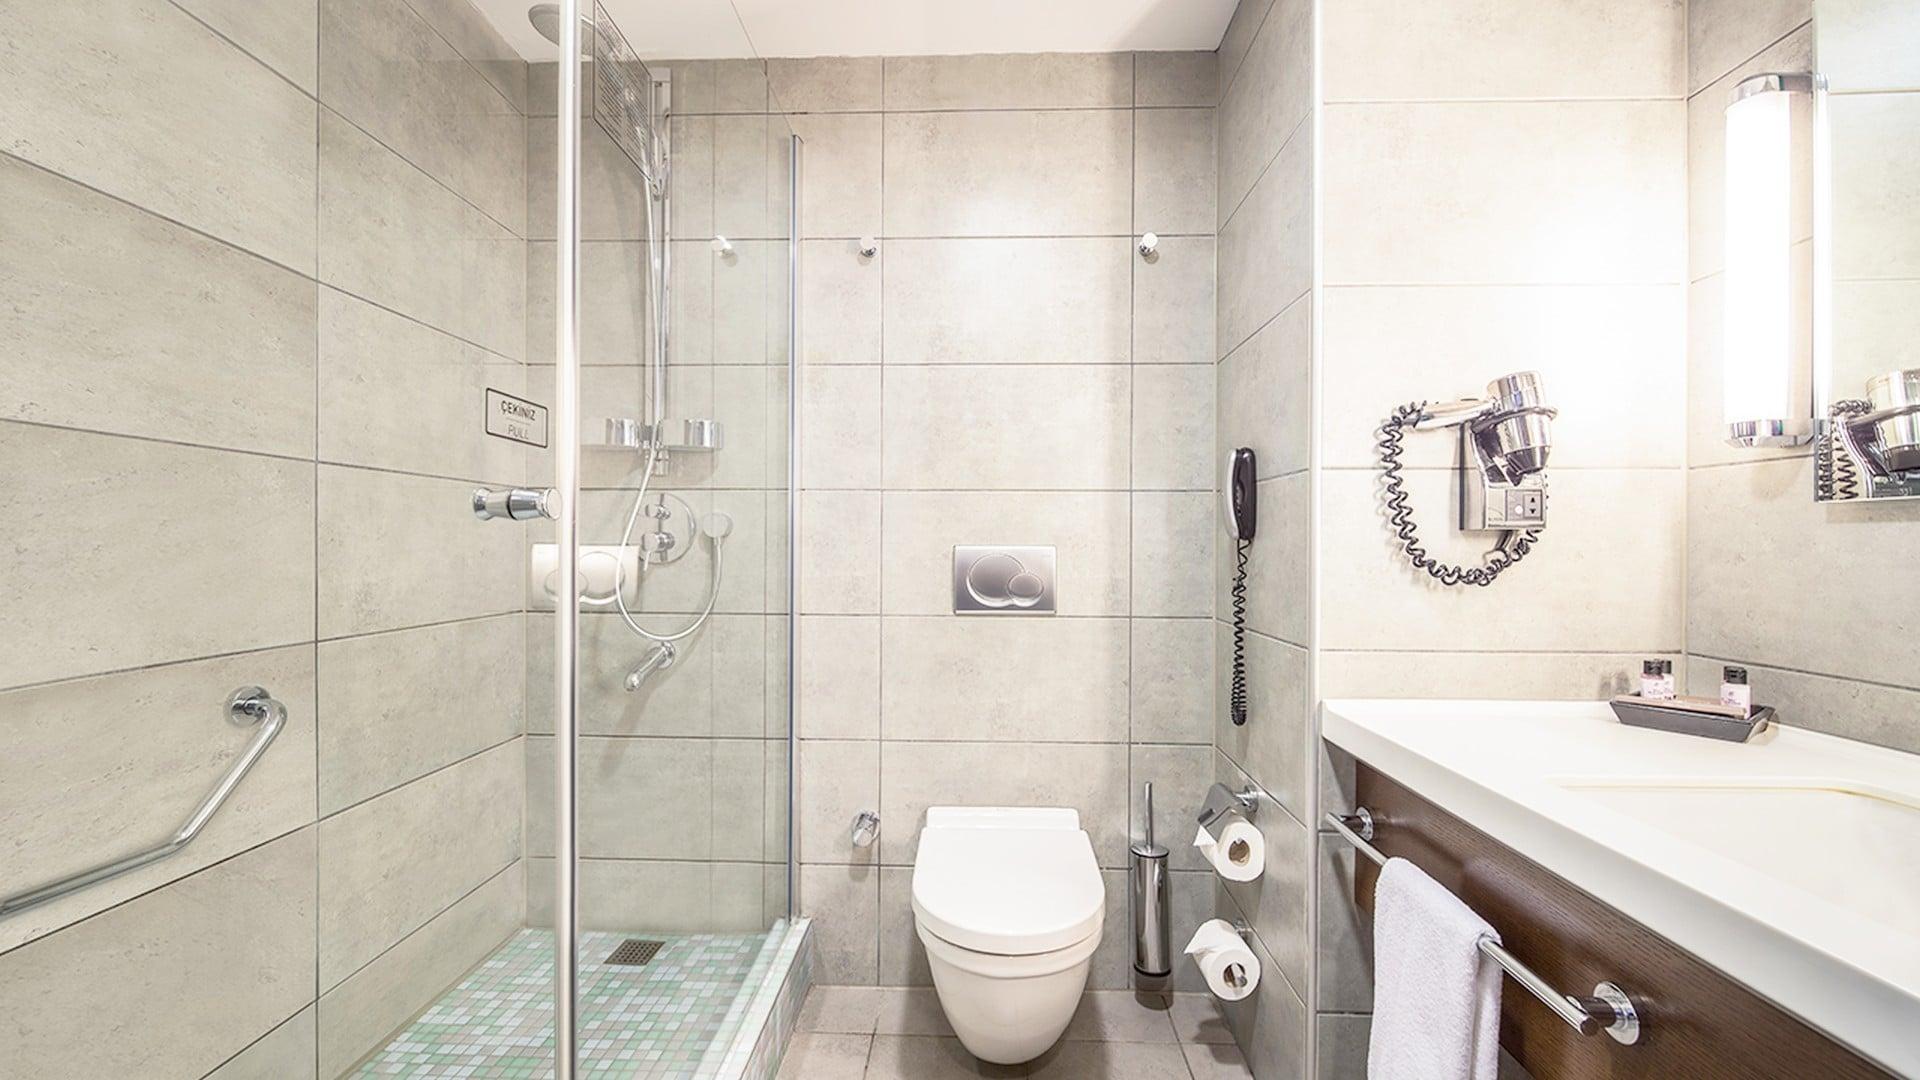 Midtown Hotel Deluxe Room Bathroom View